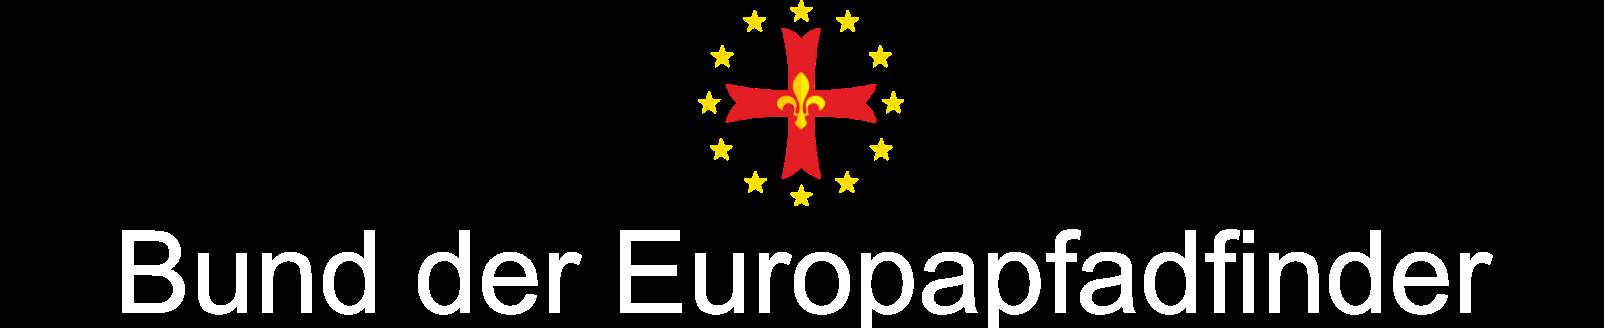 Bund der Europapfadfinder